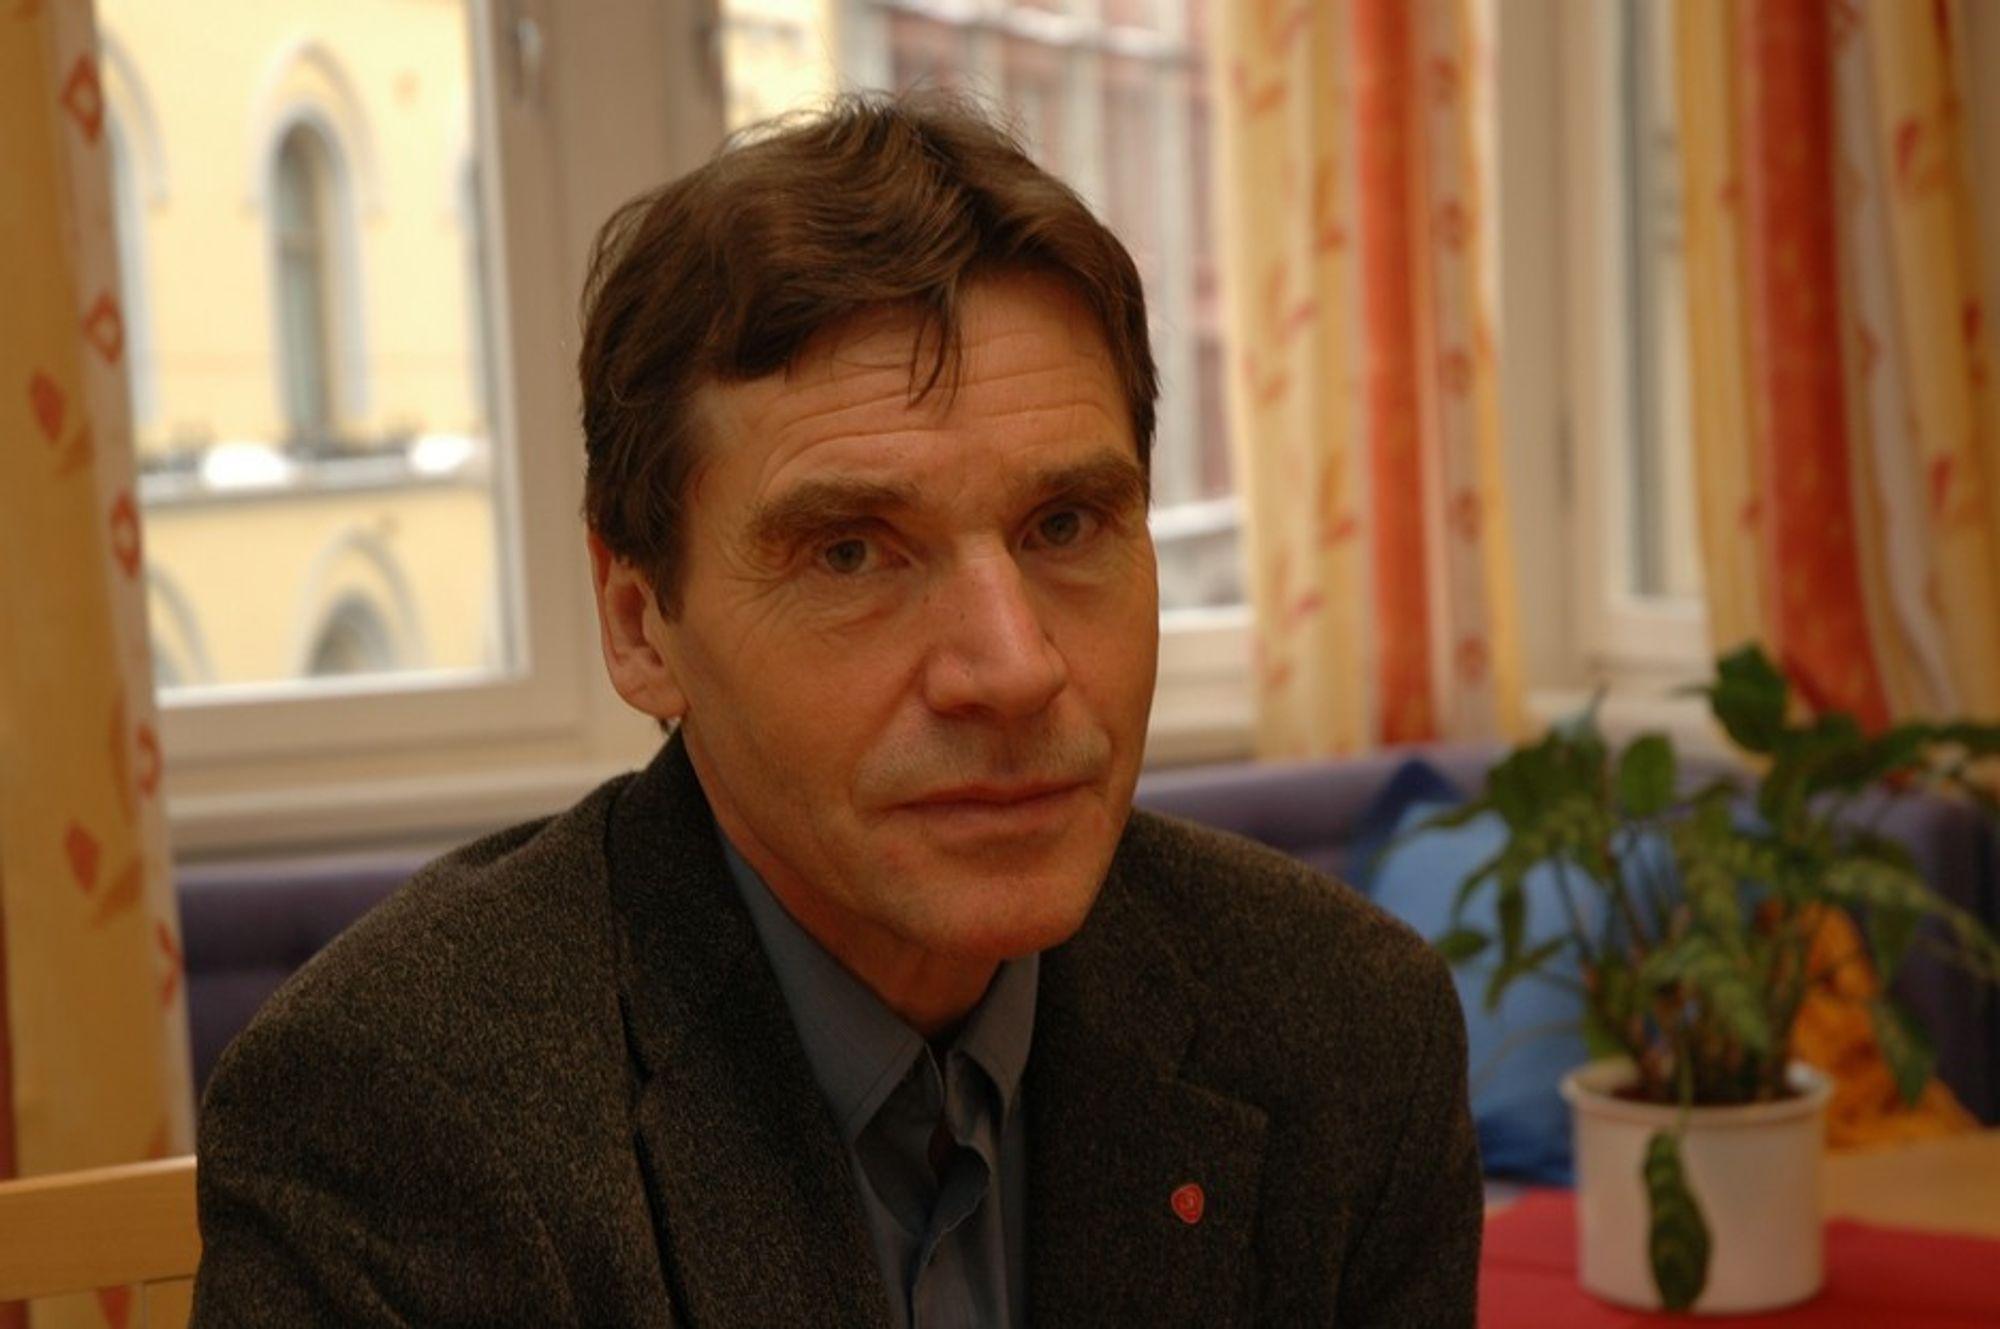 Aps stortingsrepresentant Torstein Rudihagen utelukker ikke at hans parti vil foreslå å omgjøre noen av vedtakene som lå til grunn for omstillingen